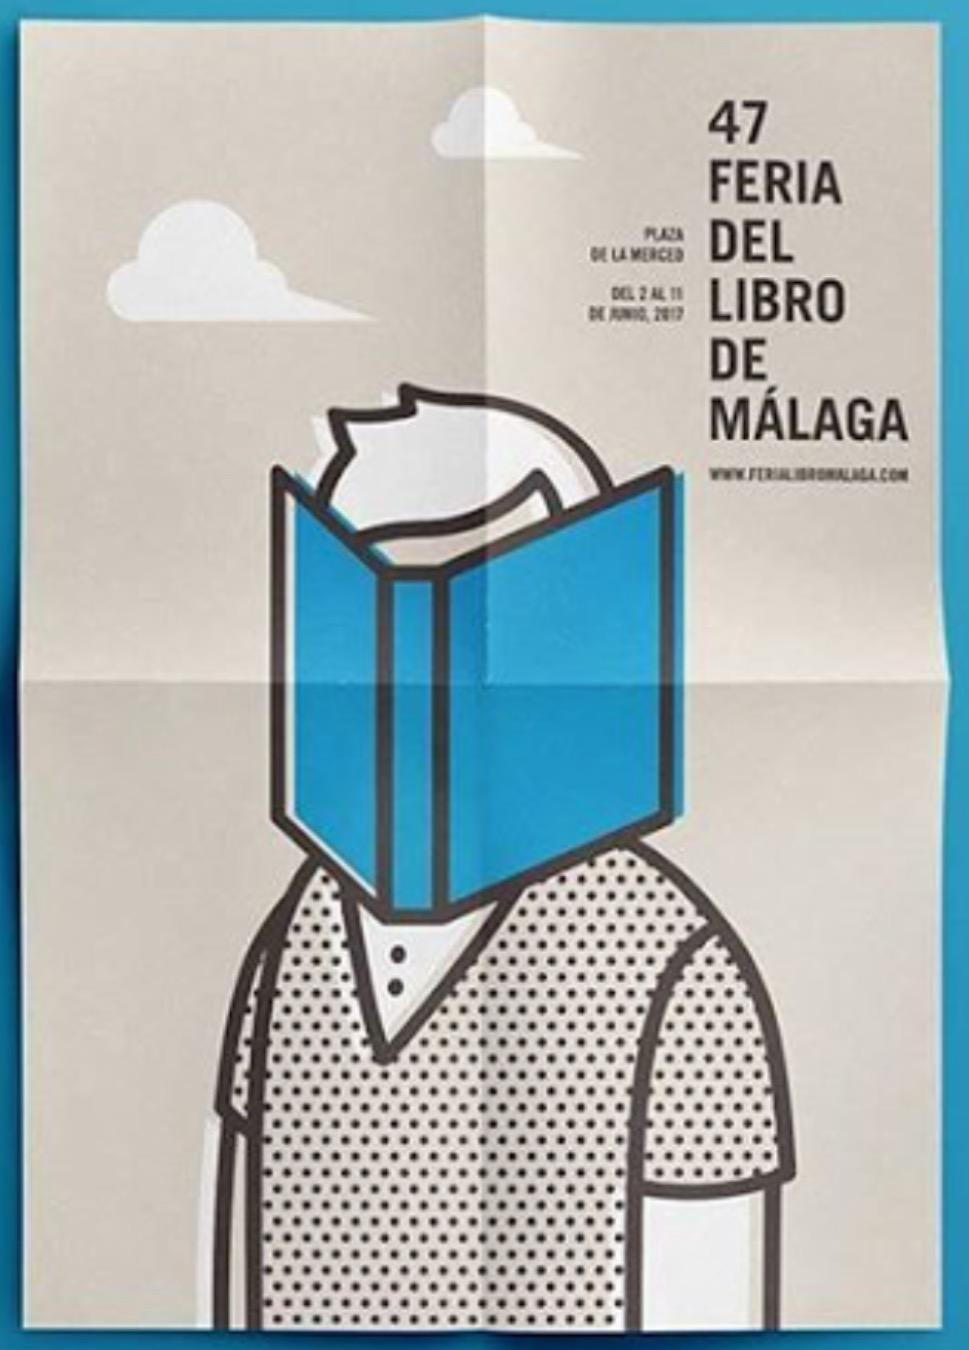 Aumor comienza la feria del libro de m laga 2017 for Feria outlet malaga 2017